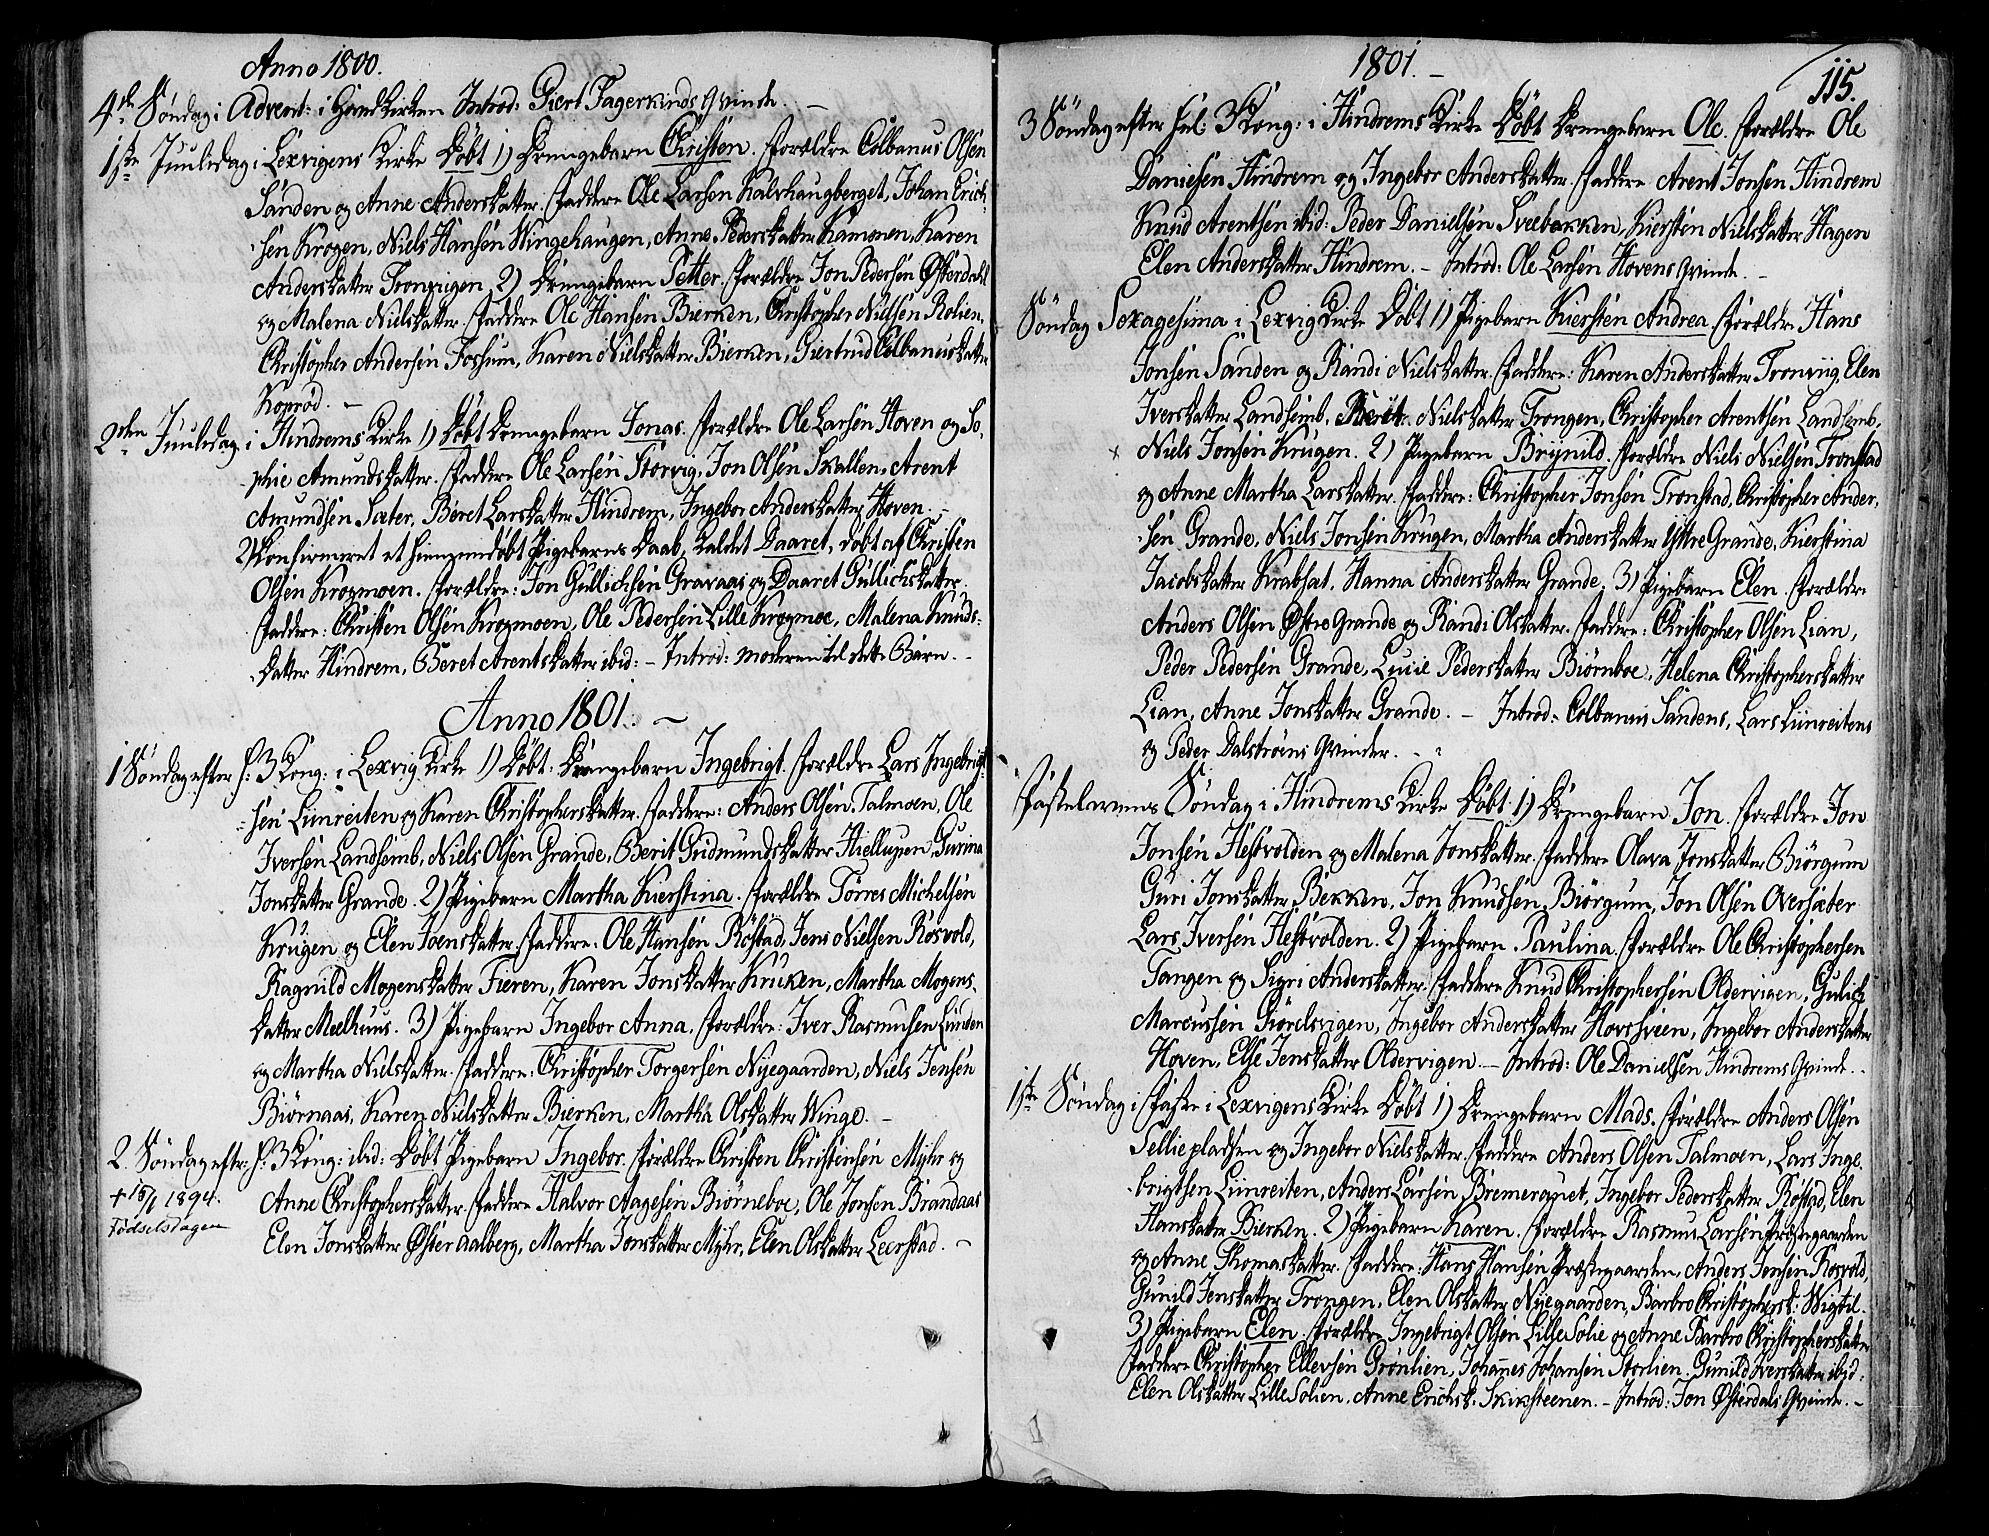 SAT, Ministerialprotokoller, klokkerbøker og fødselsregistre - Nord-Trøndelag, 701/L0004: Ministerialbok nr. 701A04, 1783-1816, s. 115